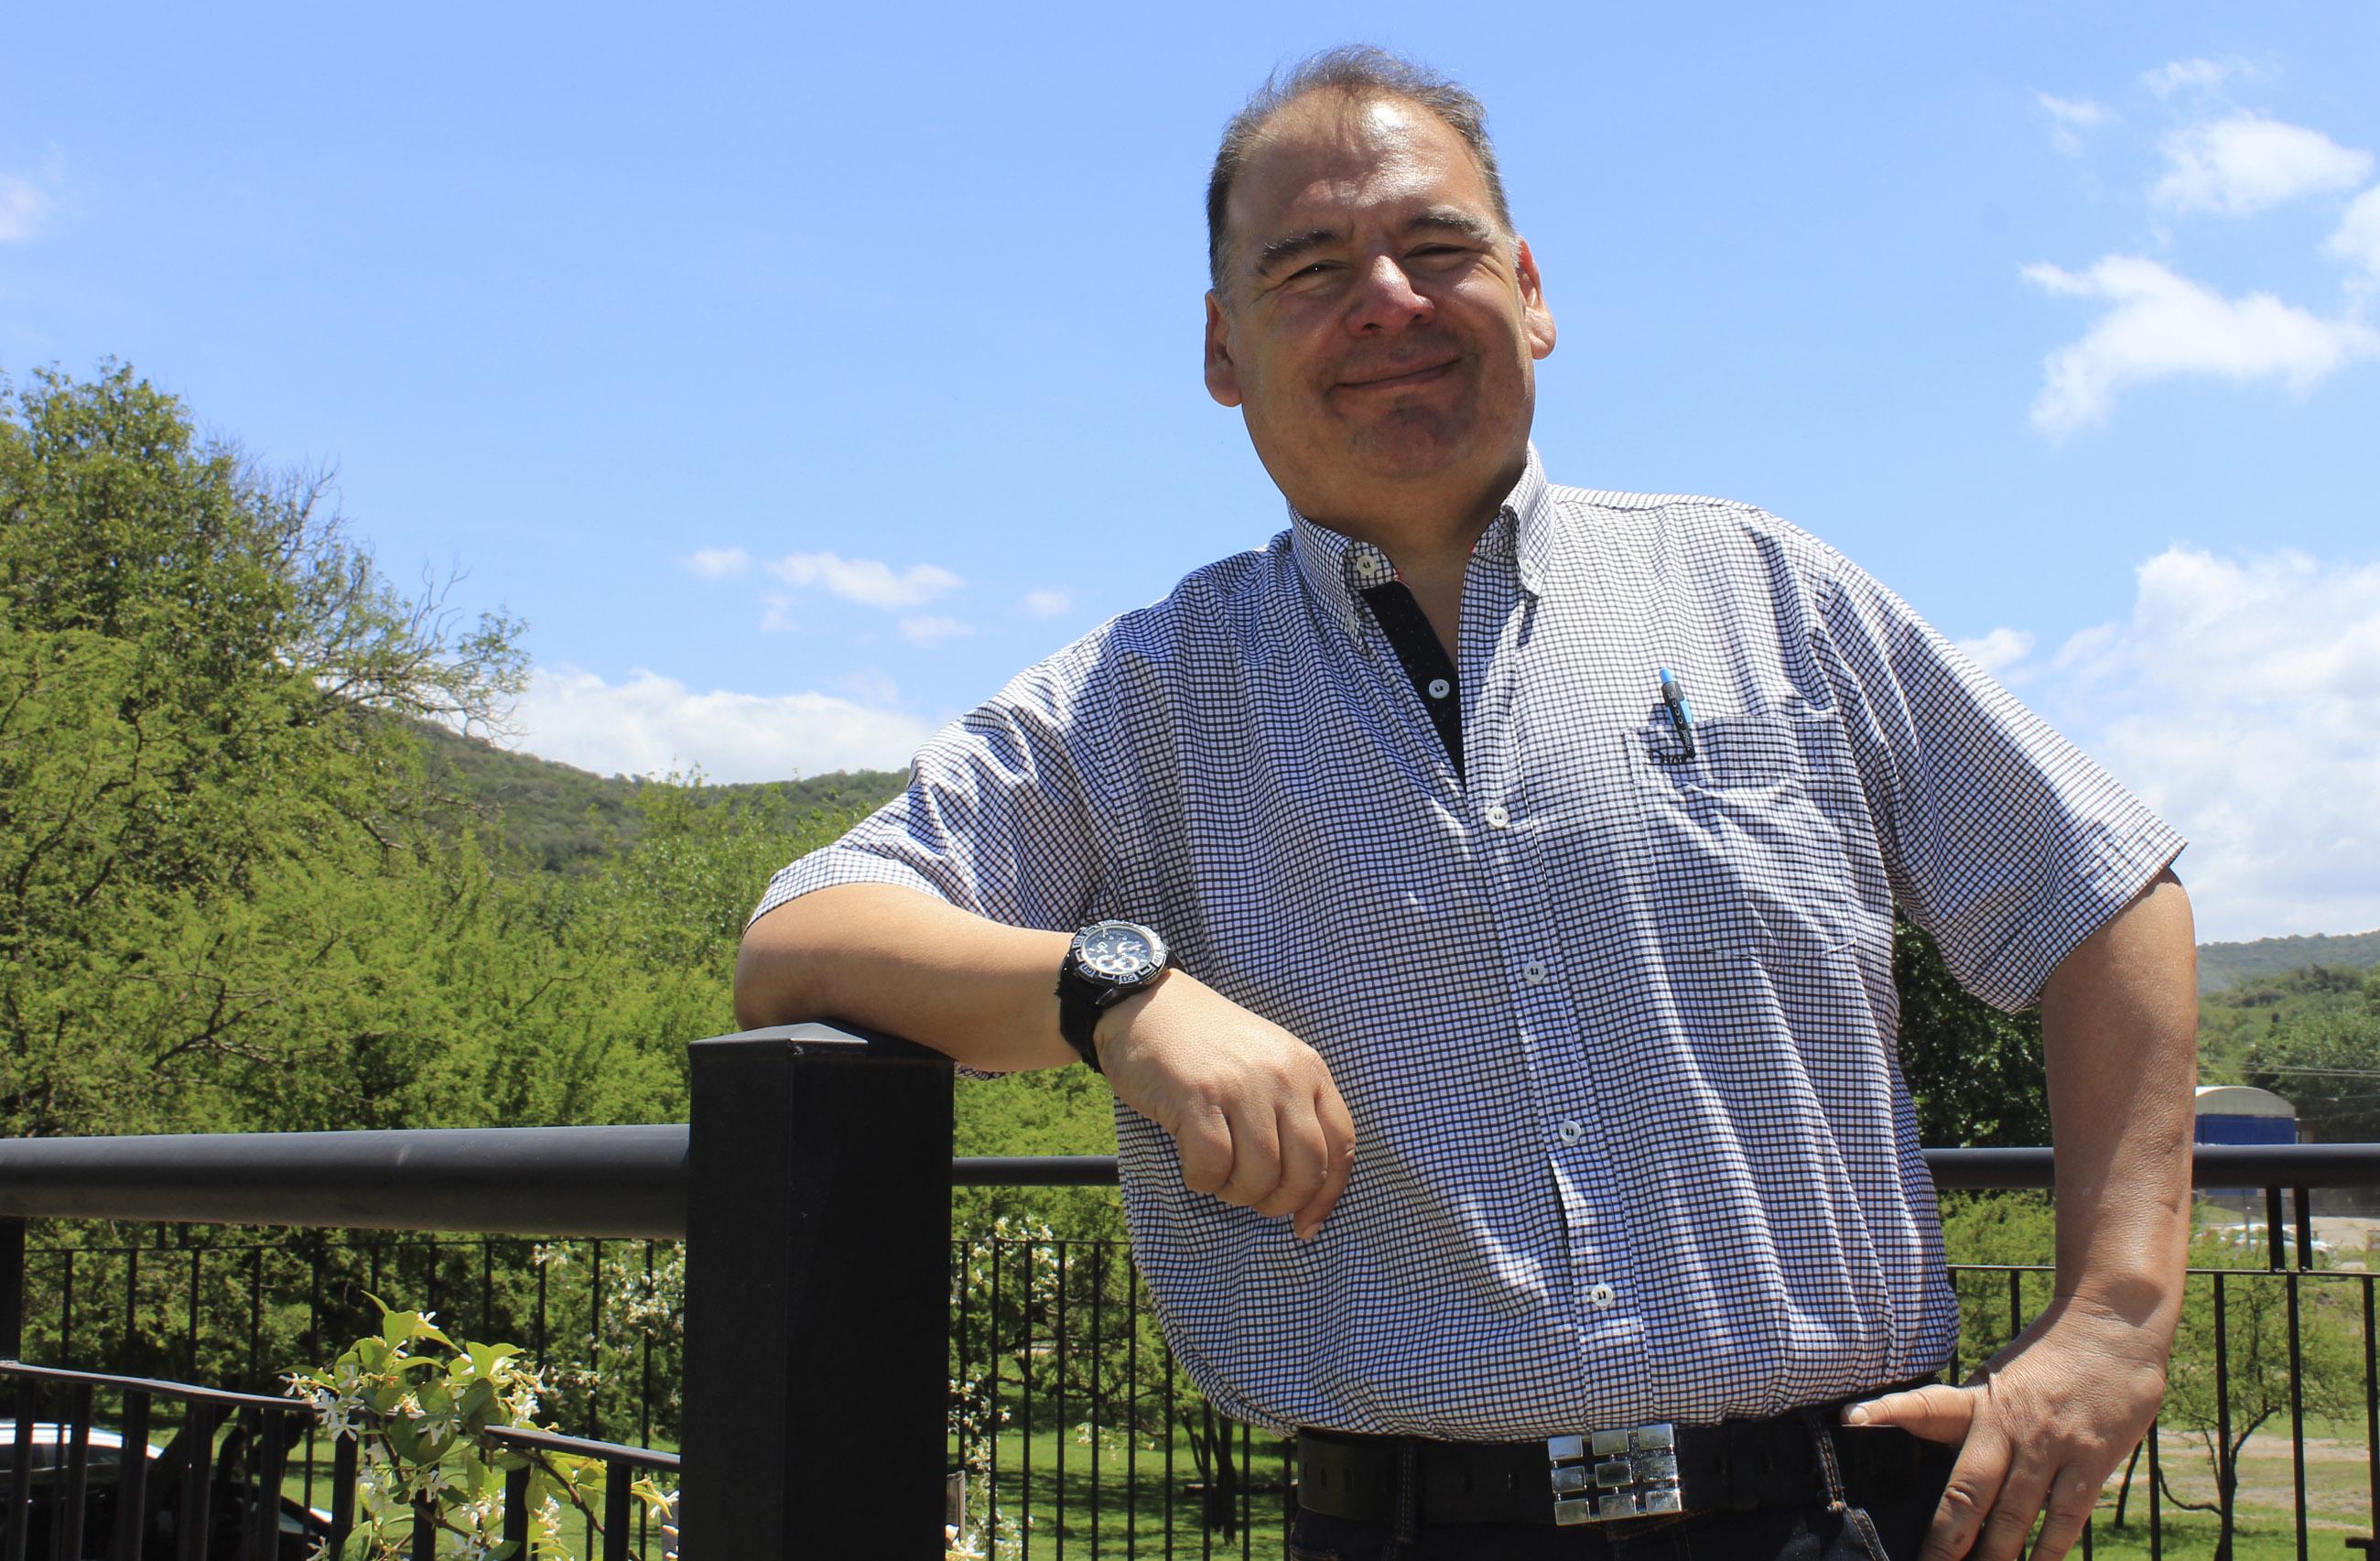 """Jorge Sánchez: """"El público reclama contenido, hay que mostrar más deporte y en mayor variedad"""" 2"""